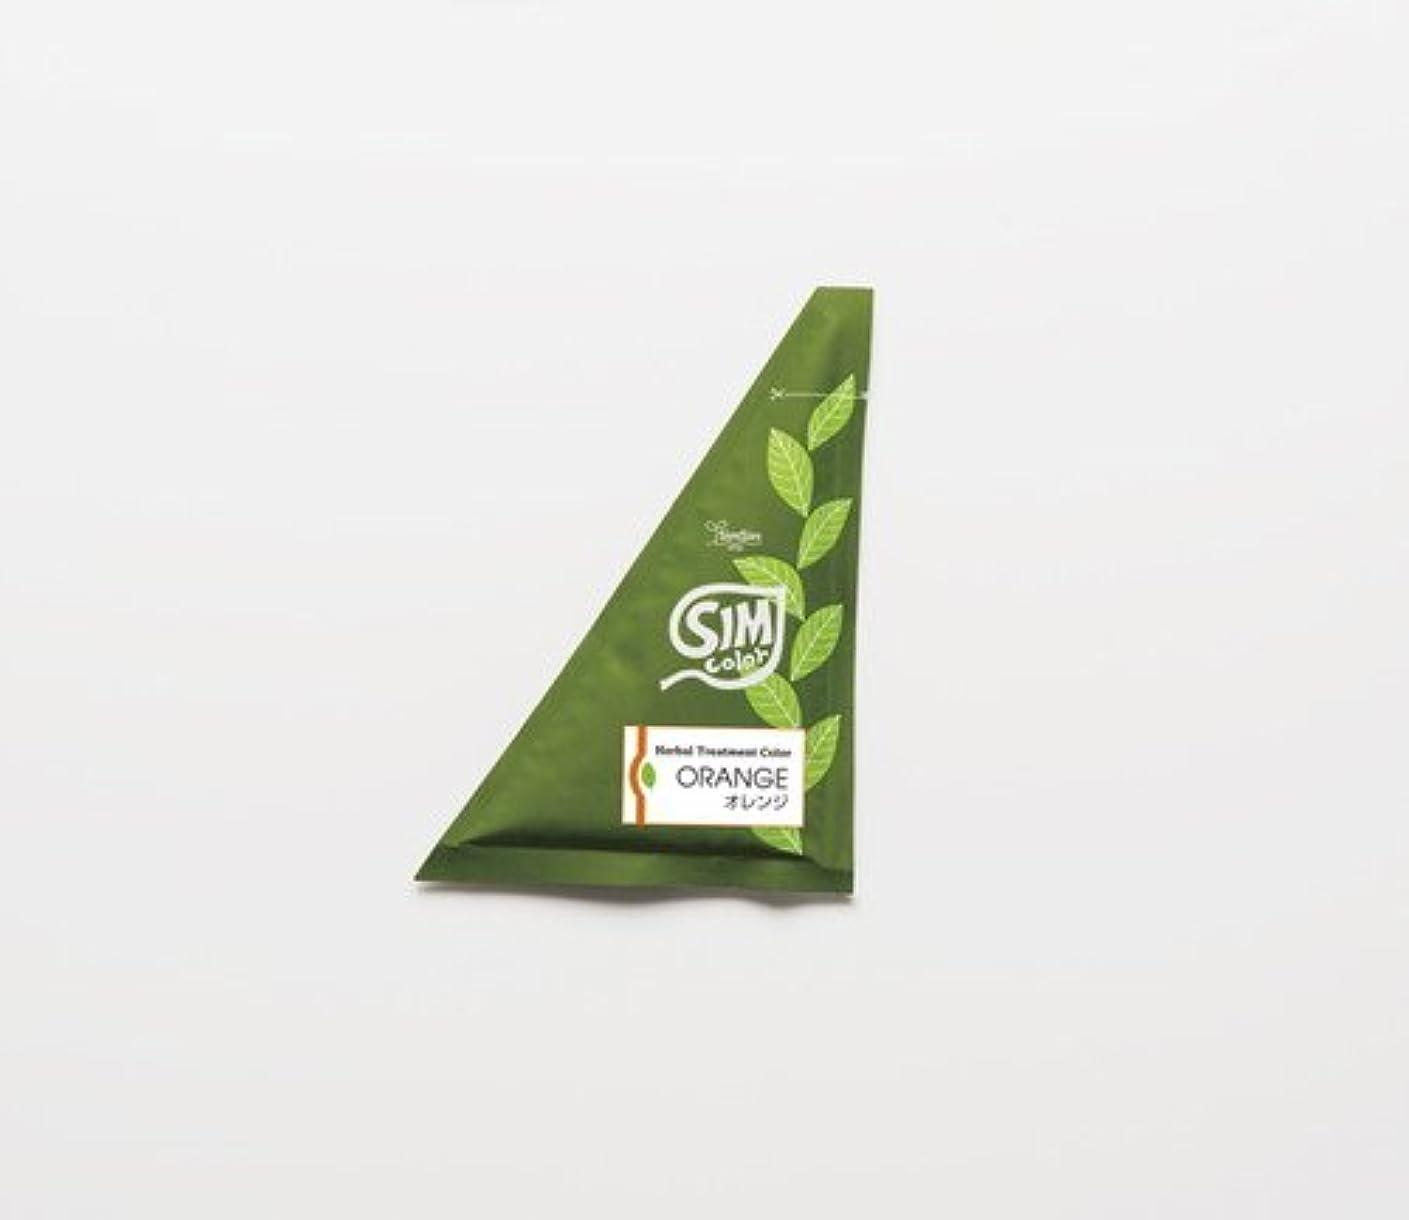 ピーブ欺に応じてSimSim(シムシム)お手軽簡単シムカラーエクストラ(EX)25g 2袋 オレンジ